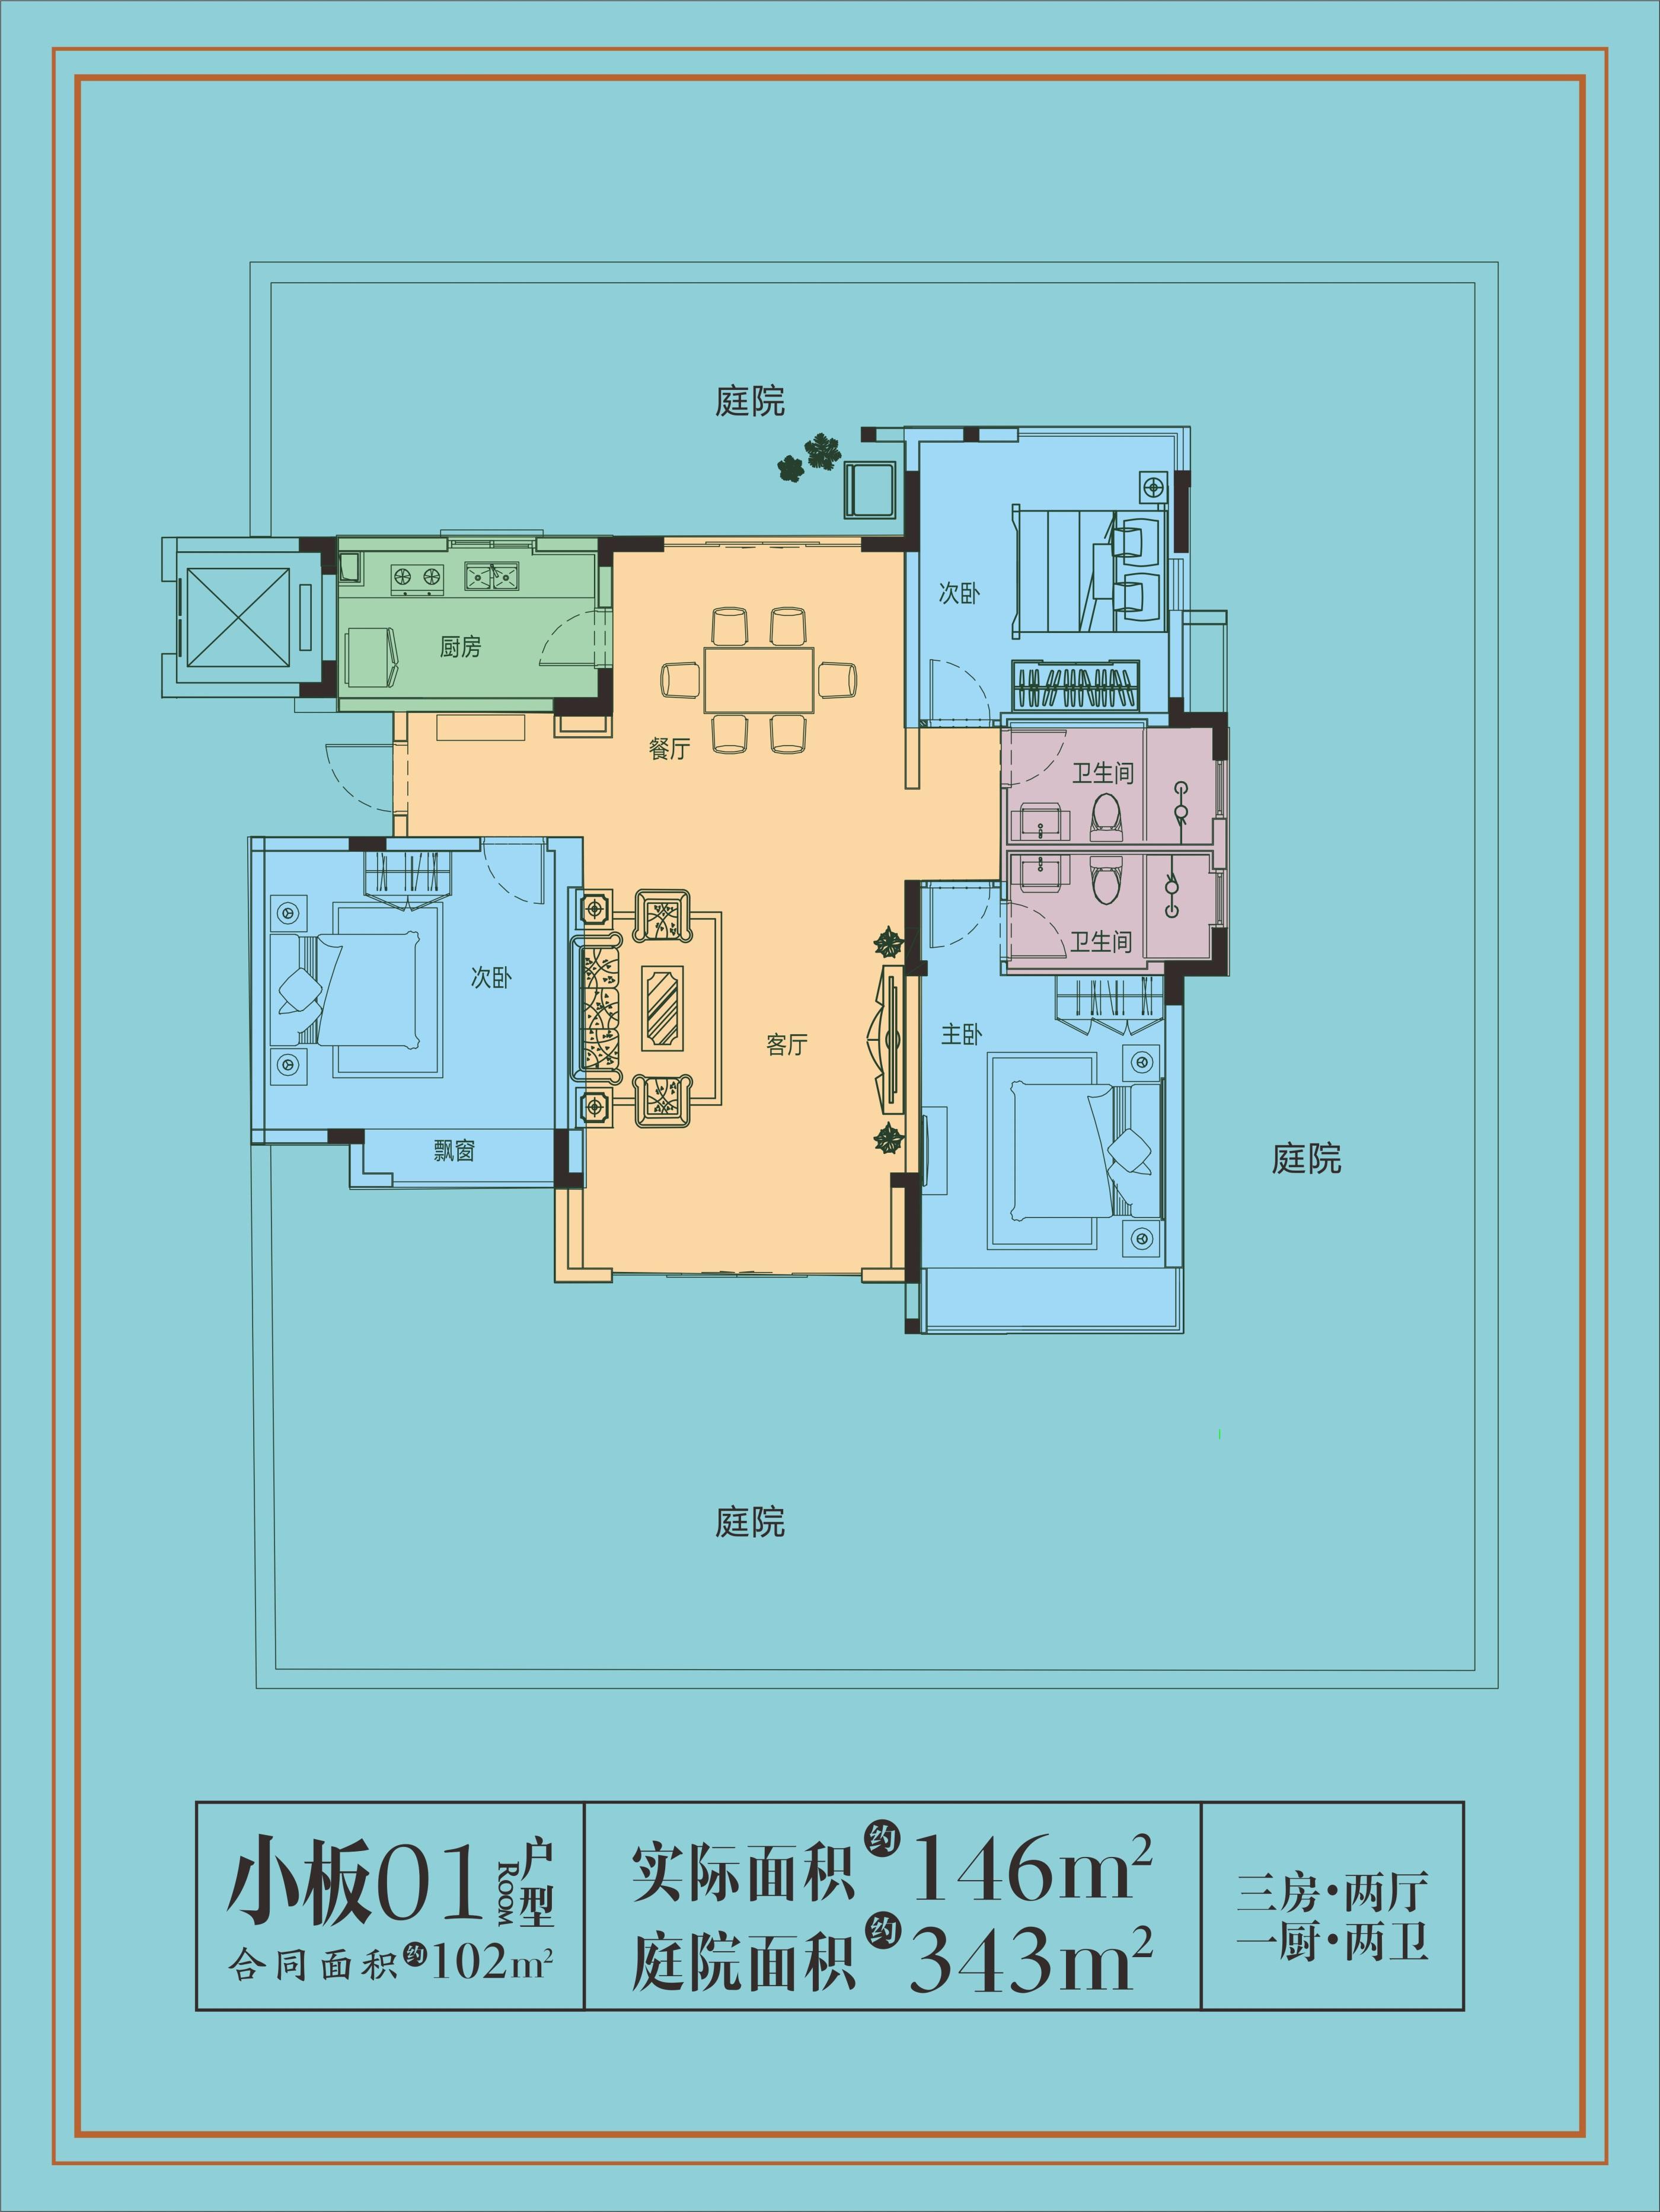 小板庭院01戶型 3房2廳1廚2衛 實際面積146㎡、庭院面積343㎡